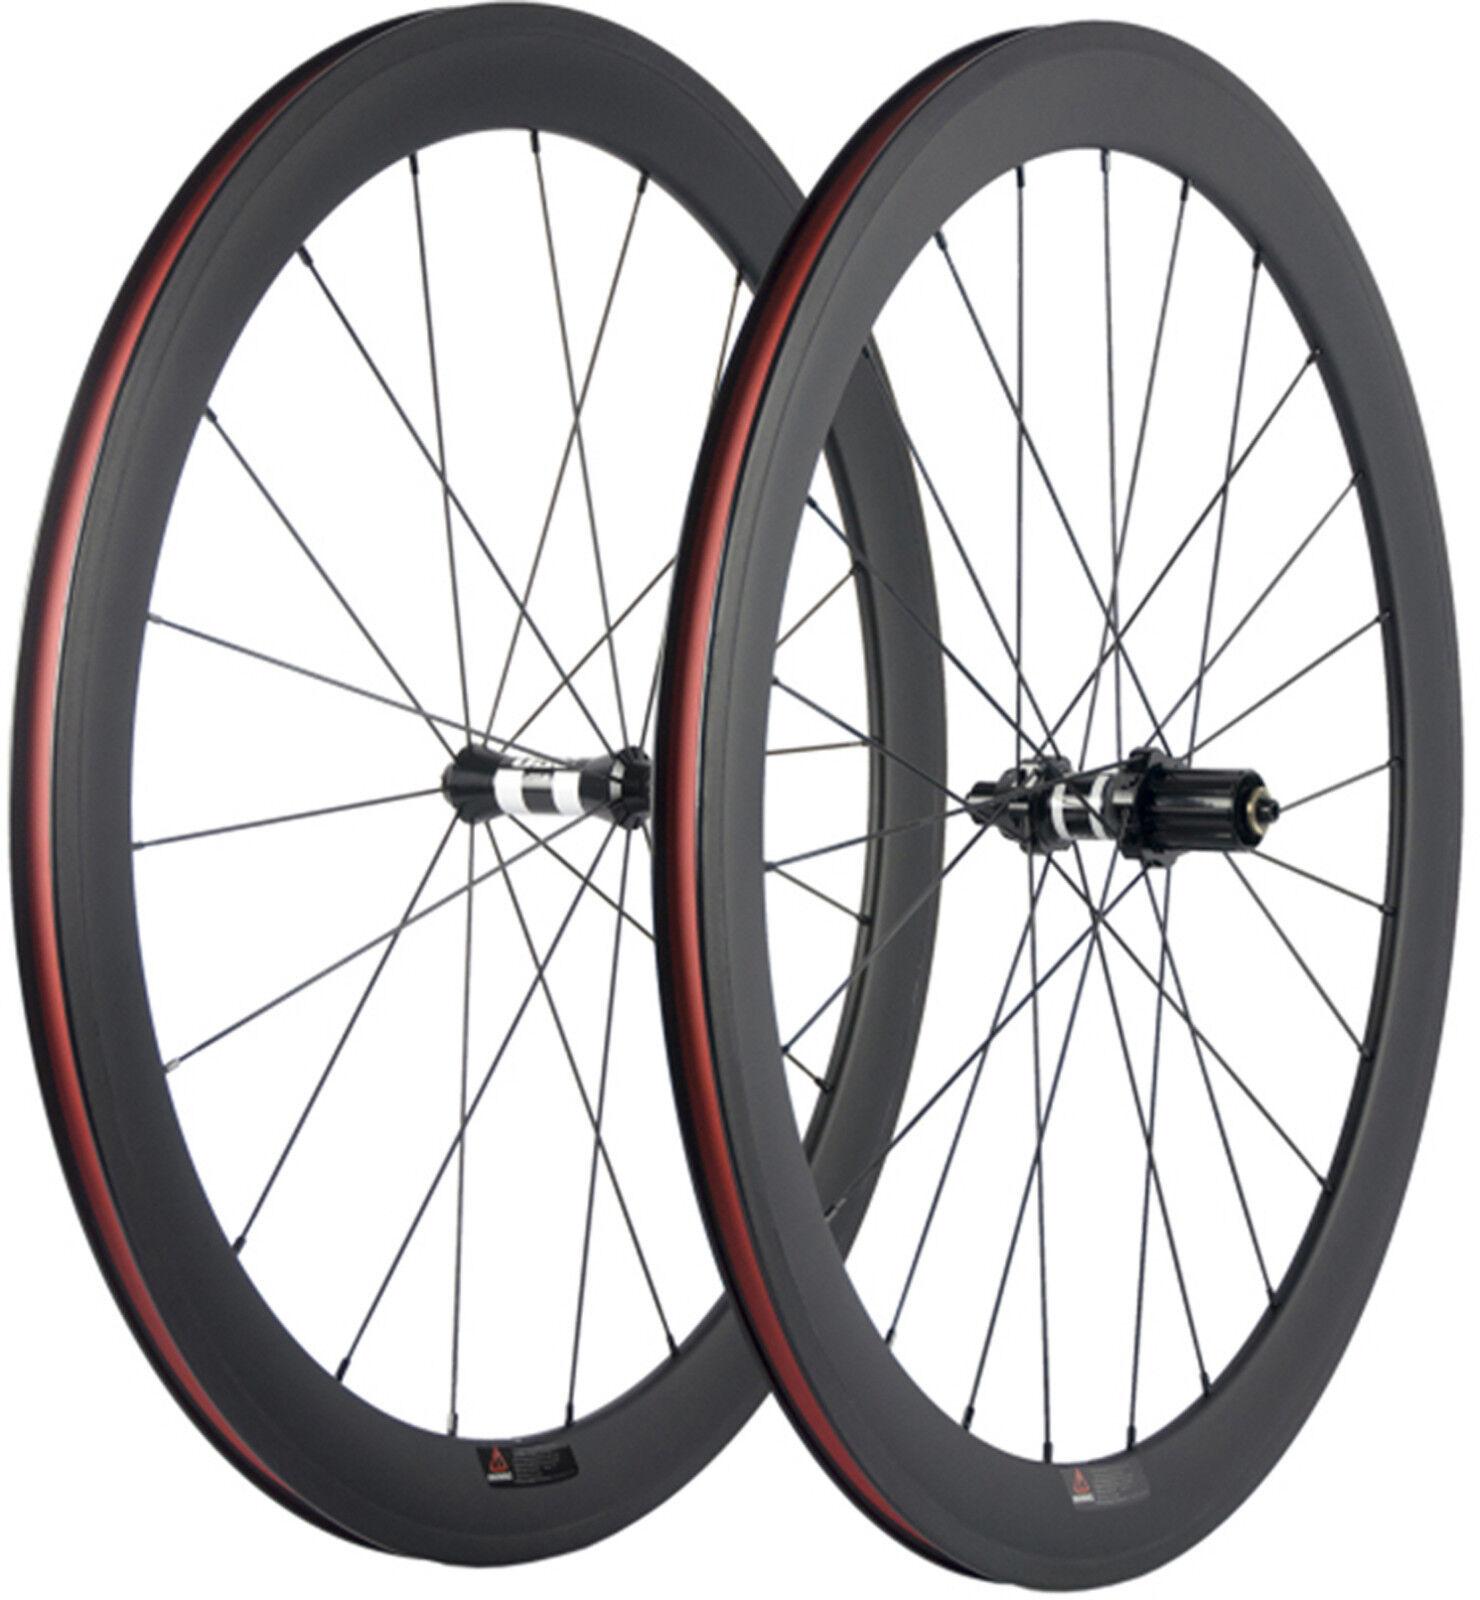 50mm Clincher Carbon Wheelset 23mm Width Bike Road Wheels DT350 Swiss 700C Wheel